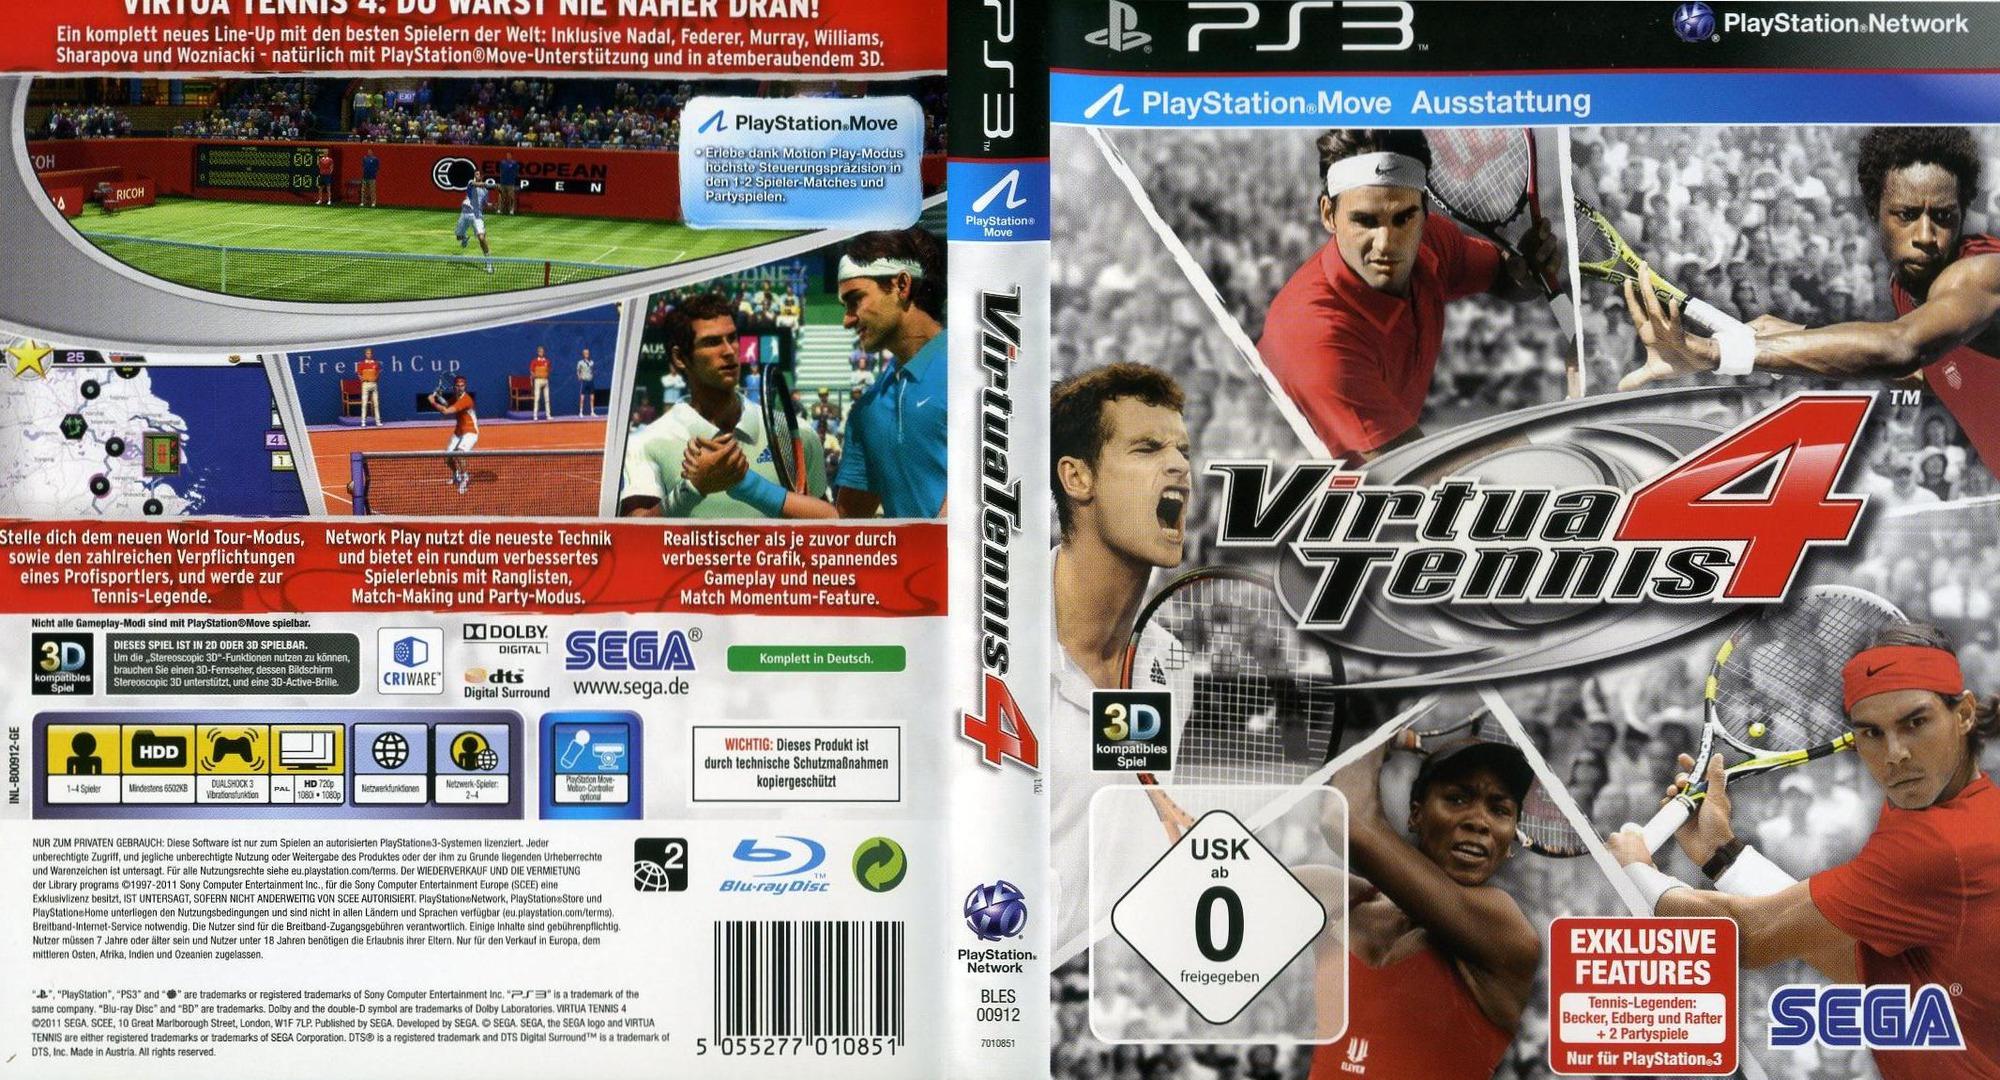 Bles00912 Virtua Tennis 4